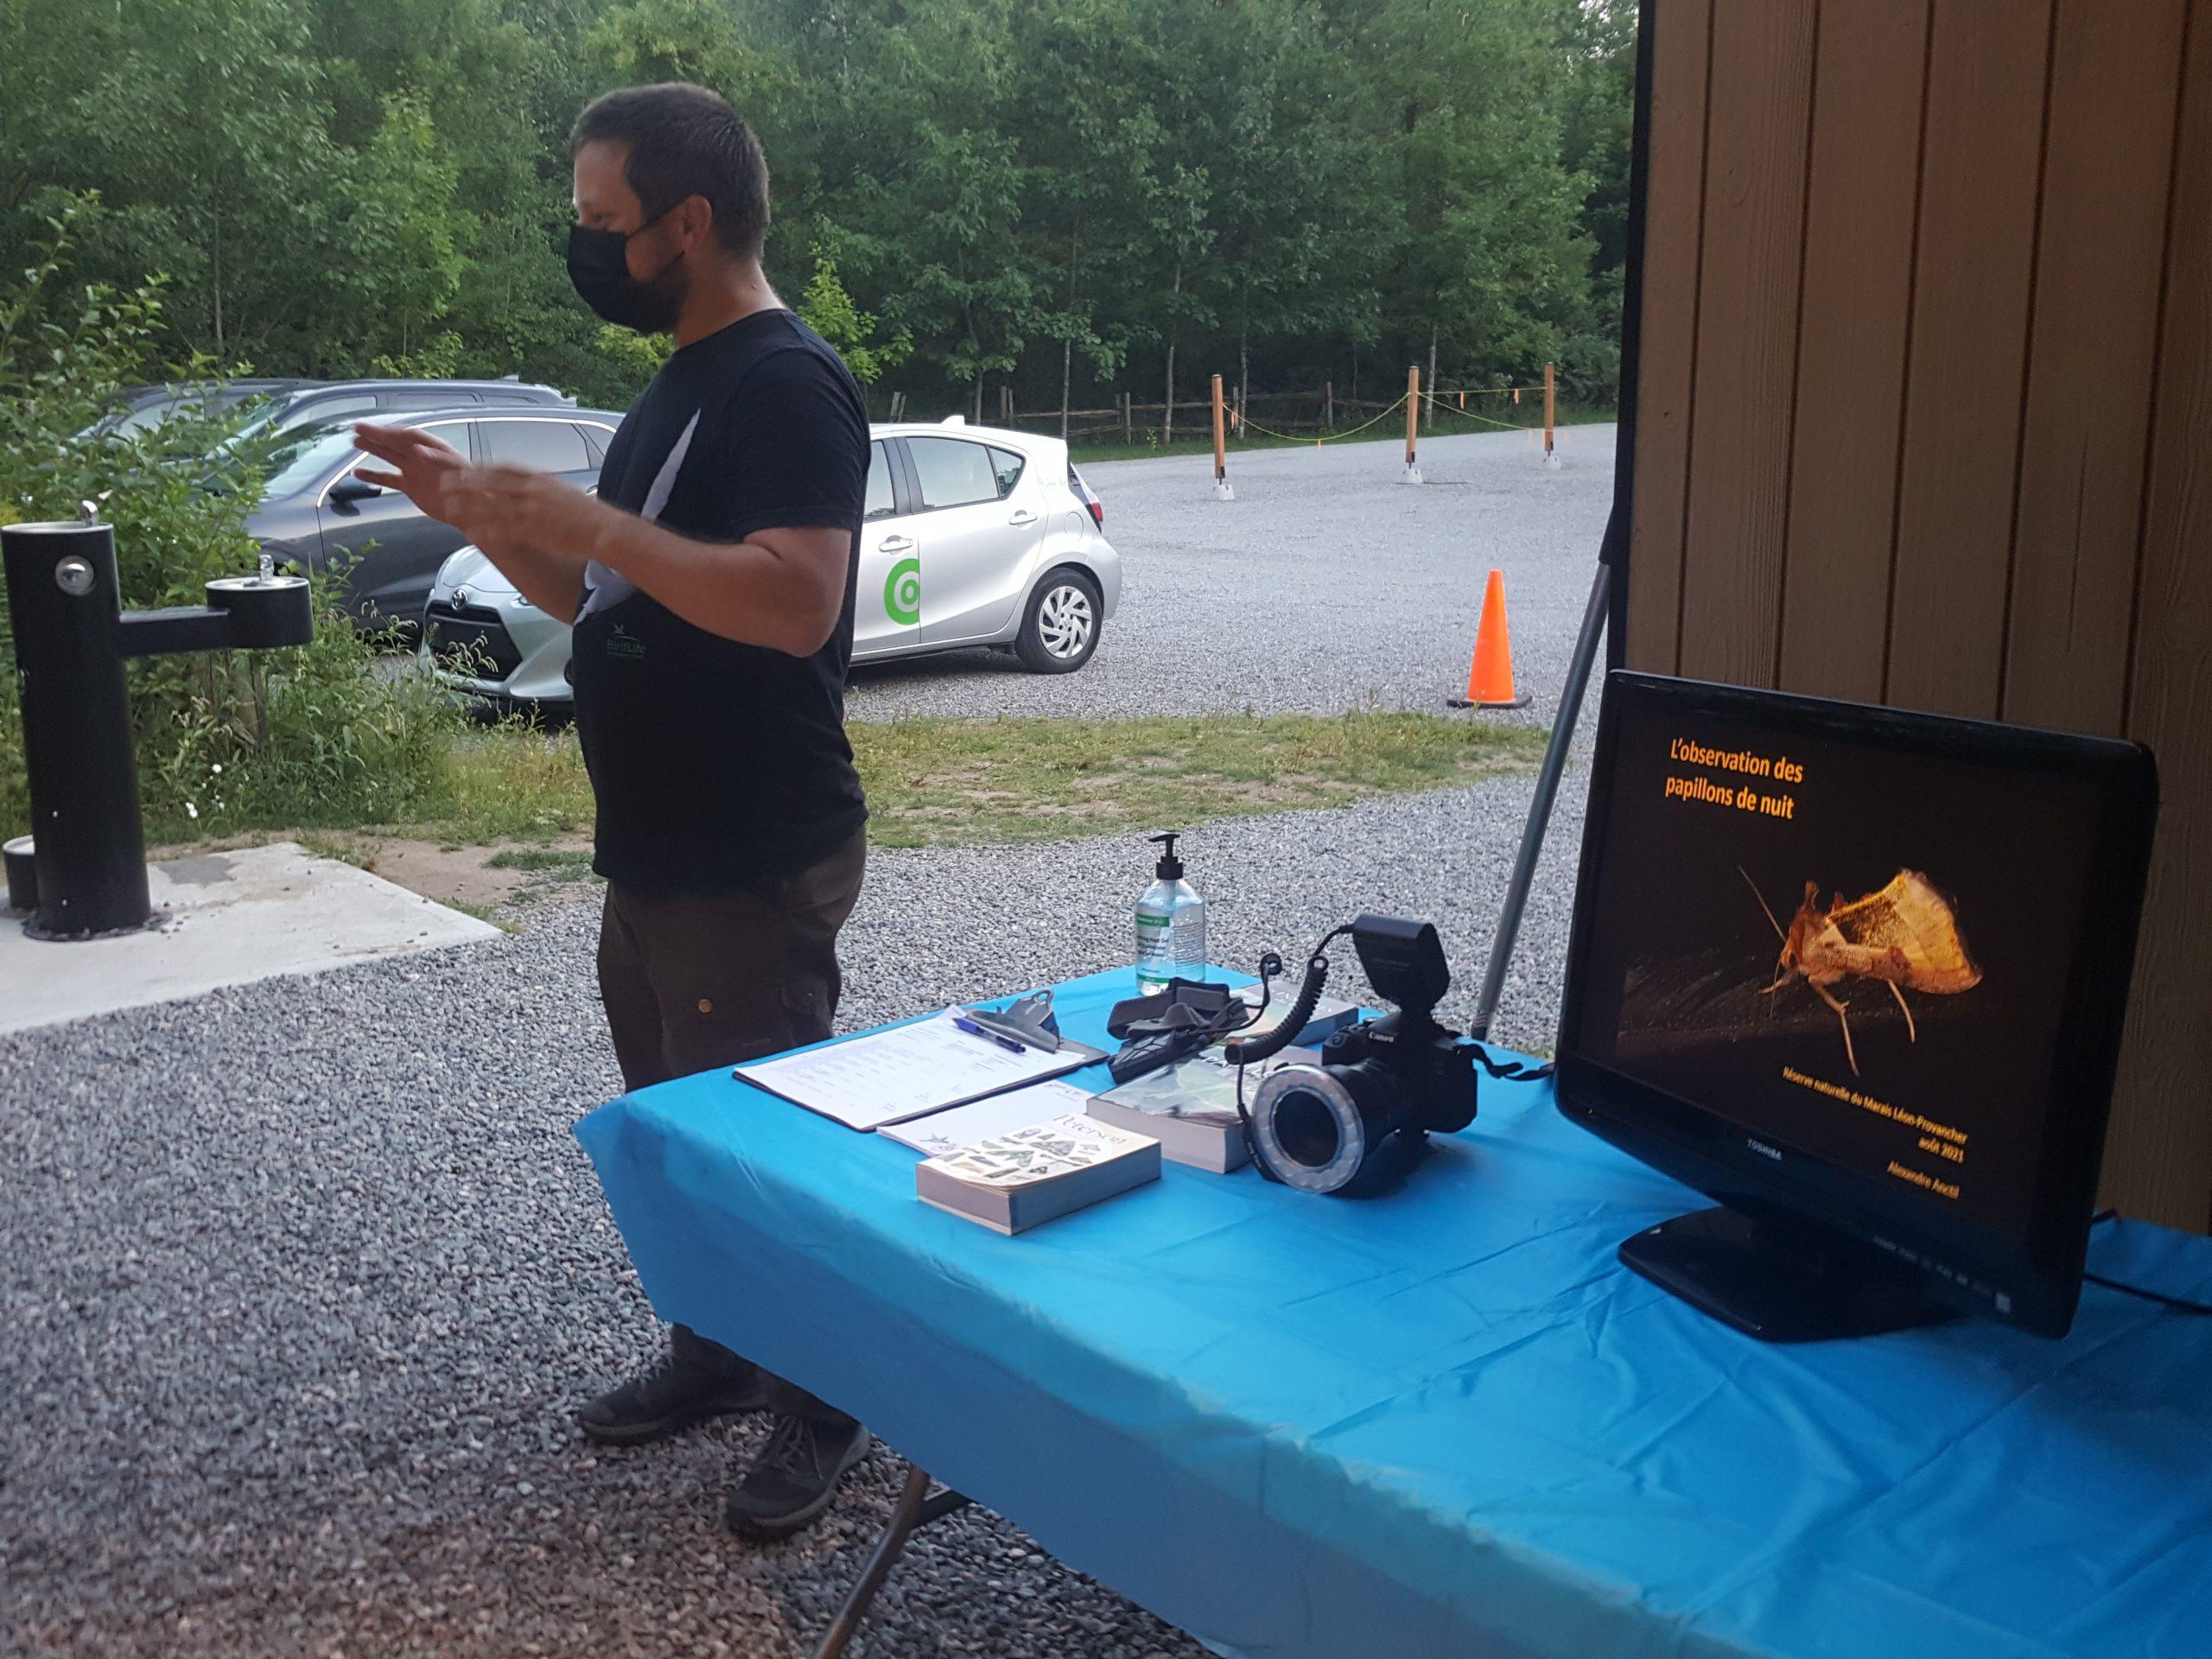 Activité Découverte des papillons de nuit, le 6 août 2021. Alexandre Anctil, guide-animateur, au cours de la présentation de l'activité.